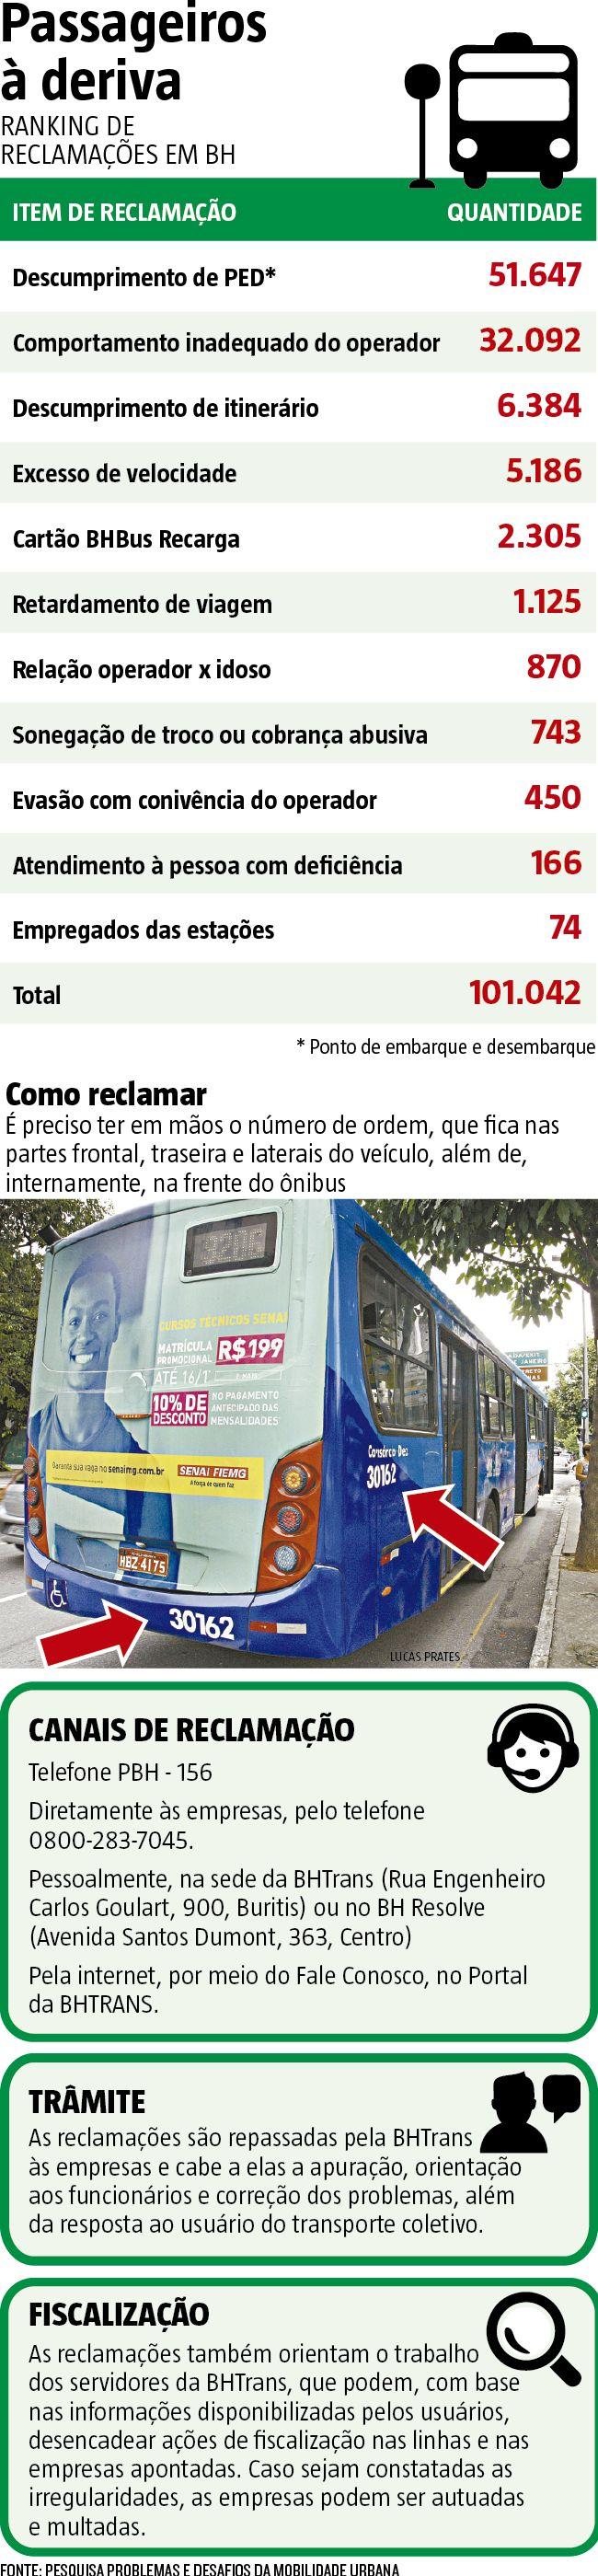 De acordo com a BHTrans, pelo menos 7,2 milhões de pessoas deixaram de andar de ônibus na cidade no primeiro trimestre deste ano frente ao mesmo período de 2016 (30/05/2017) #Transporte #Público #Transporte #Público #BH #BeloHorizonte #Belo #Horizonte #Demora #Atraso #Valor #Crise #Reclamação #Desemprego #Infográfico #Infografia #HojeEmDia